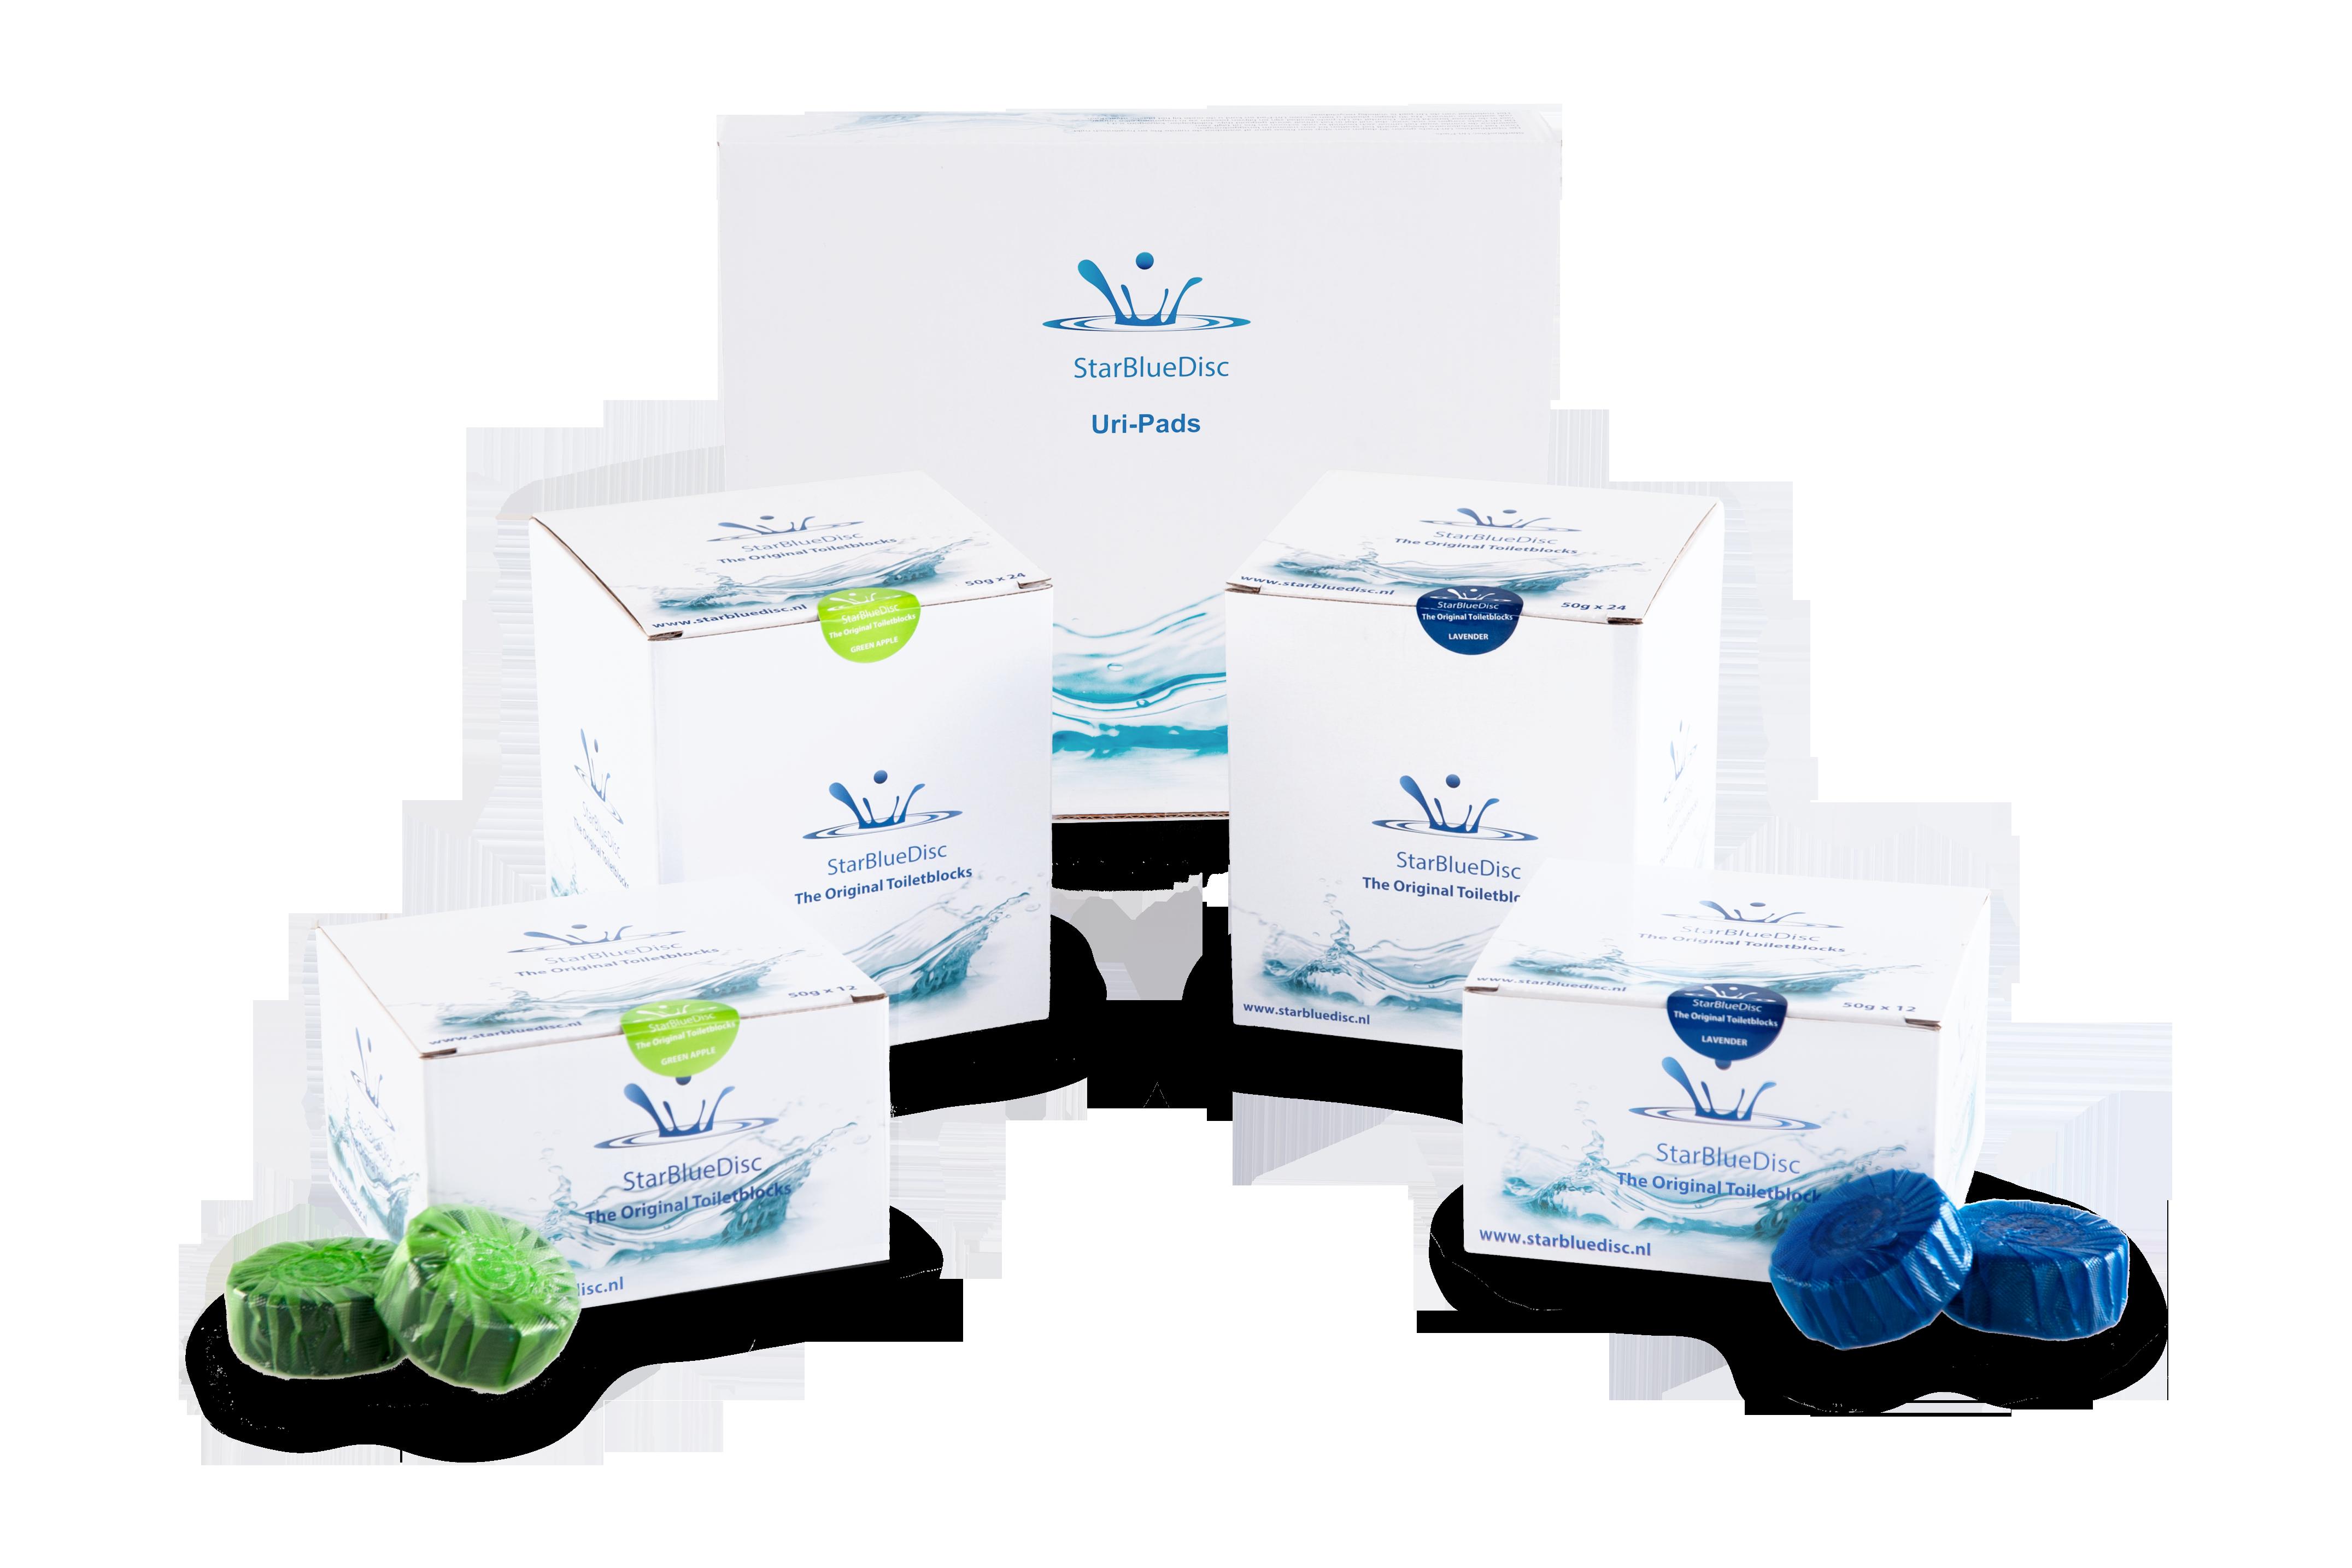 Jaarverpakking Toiletblokjes <BR>Blauw.<BR><br><h5>Art.nr: 242.122.150<br>Kleur: Blauw.<br>Inhoud: 24 toiletblokjes per verpakking.</h5>